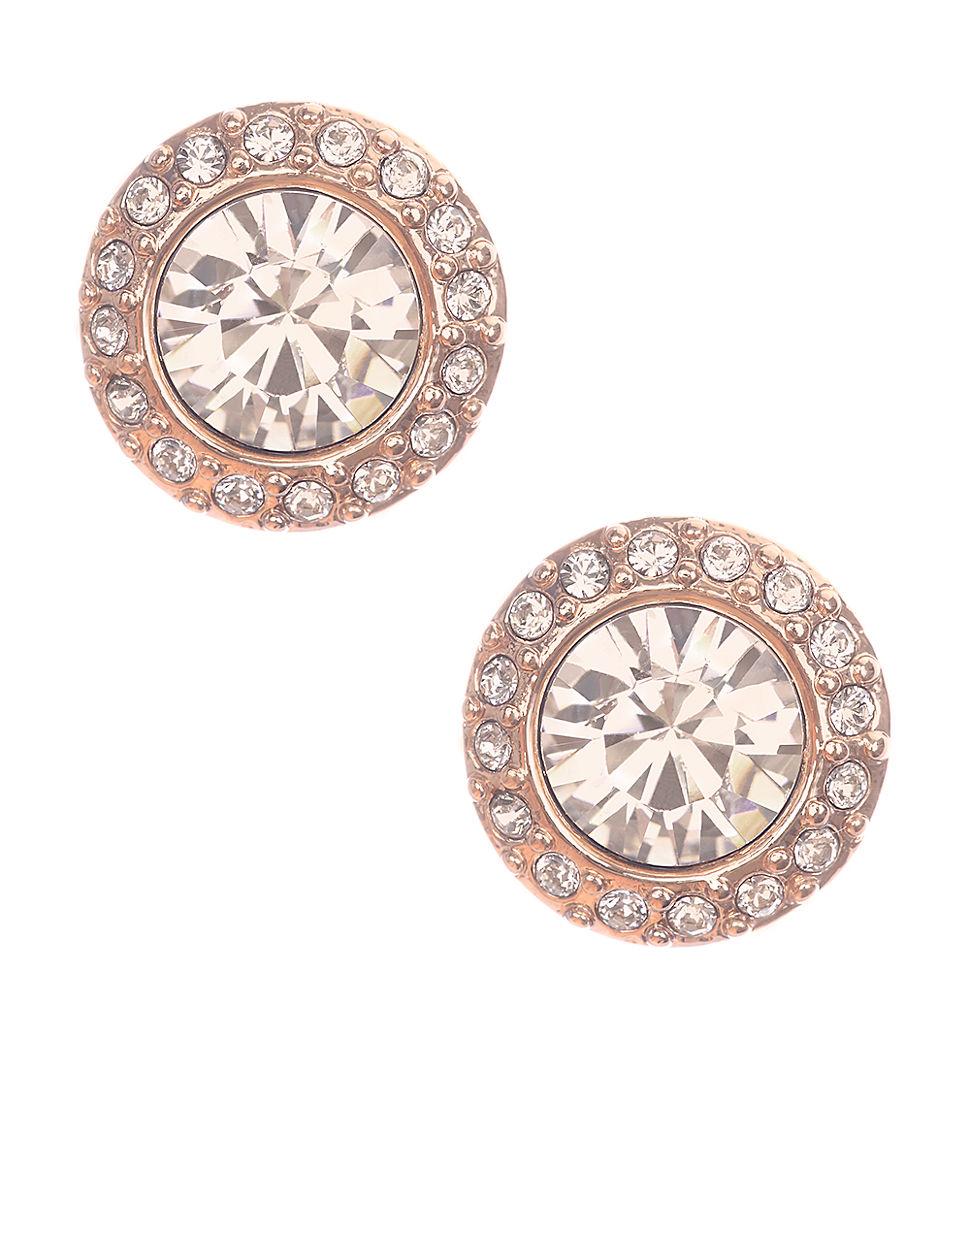 givenchy rose goldtone and swarovski crystal stud earrings. Black Bedroom Furniture Sets. Home Design Ideas